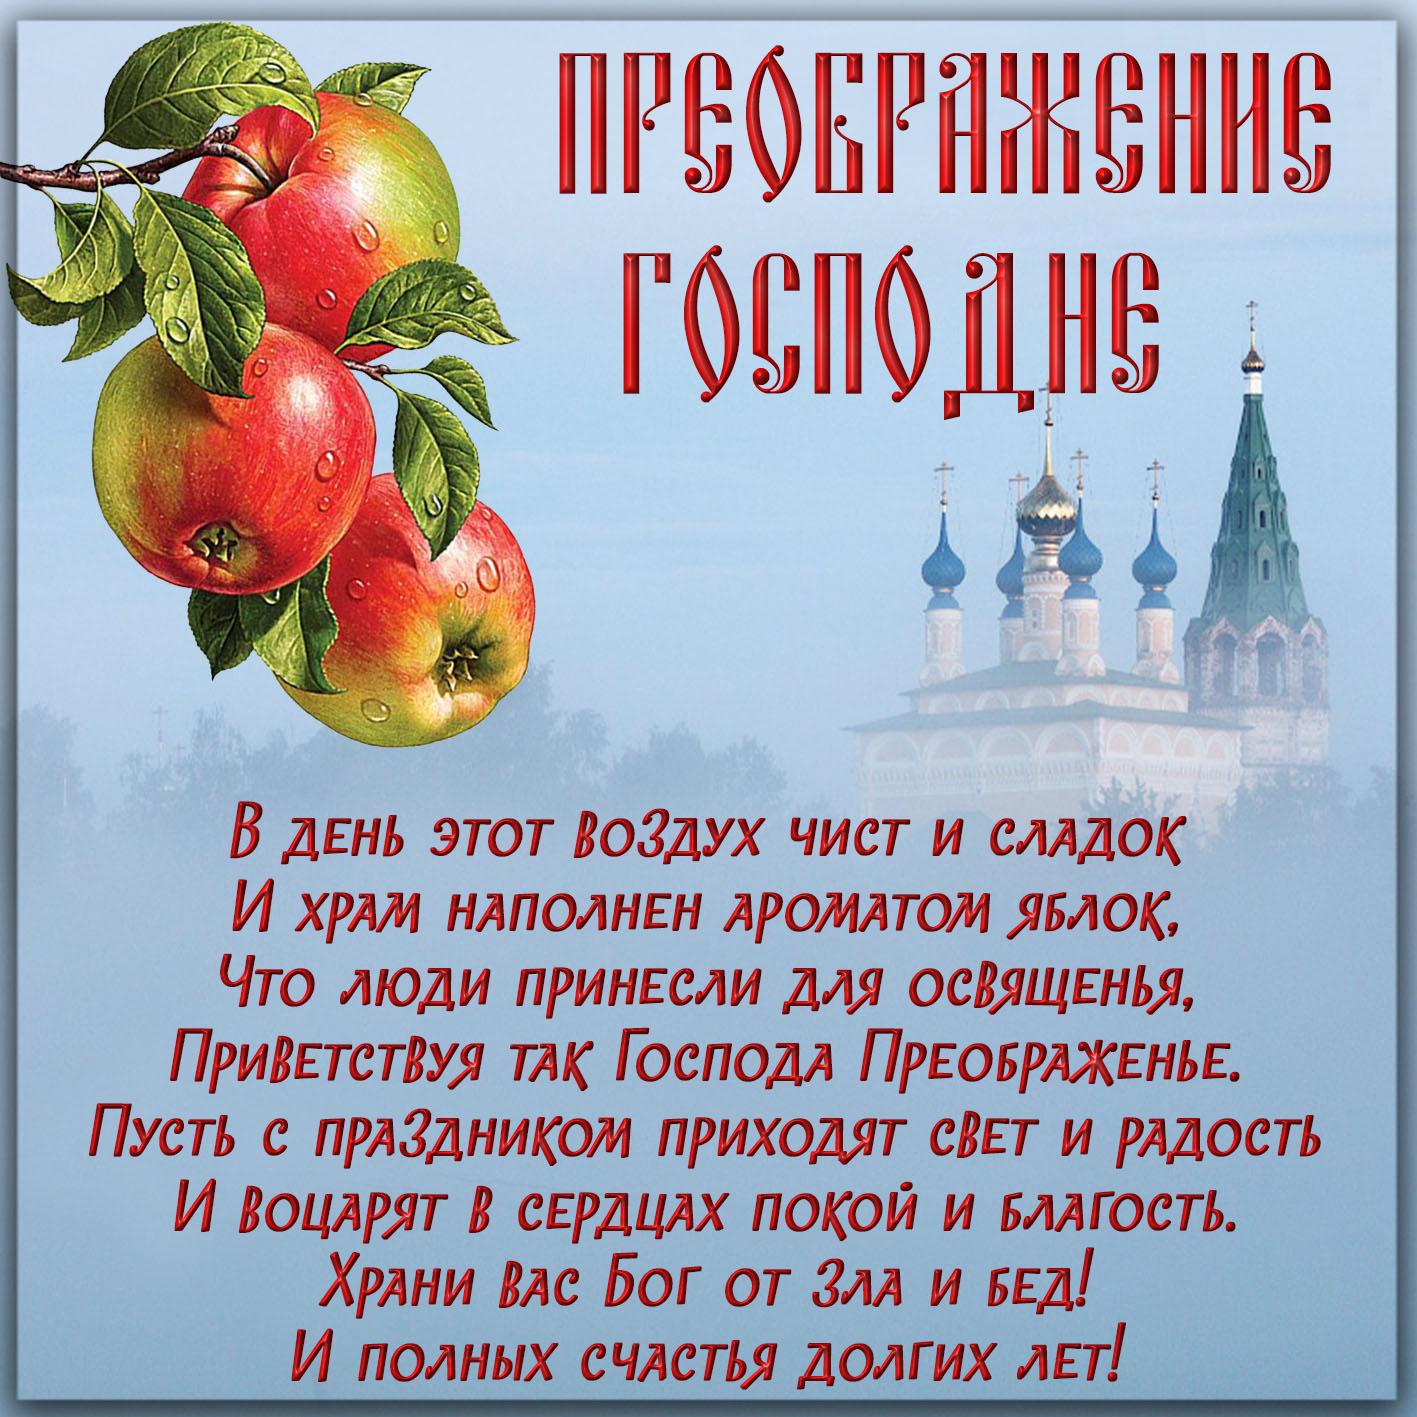 Открытка - яблочки и пожелание на Преображение Господне